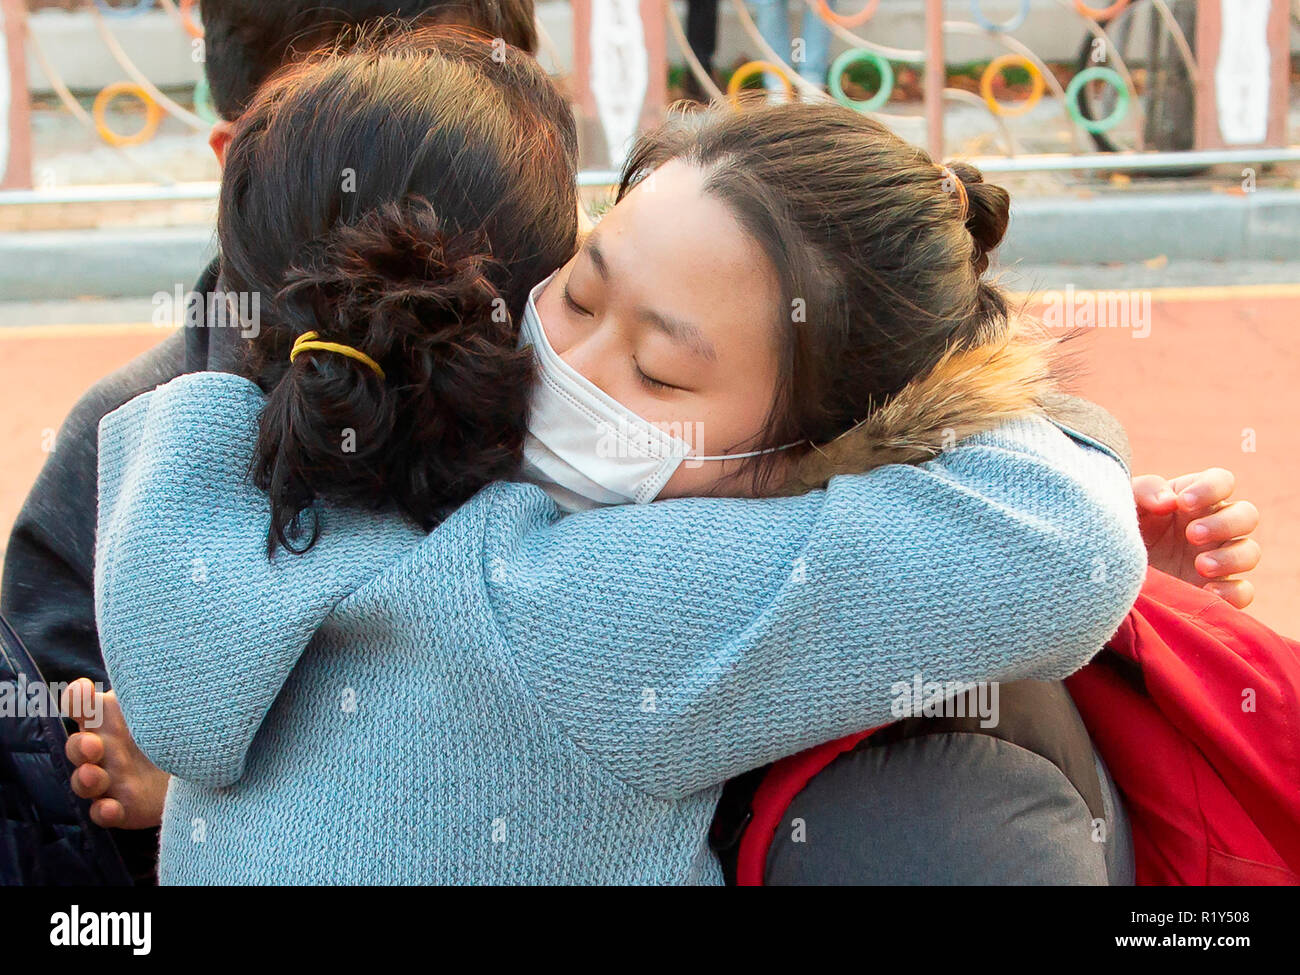 Busan, Séoul, Corée du Sud. 15 Nov 2018. Une mère encourage sa fille, un étudiant du secondaire en face d'une salle d'examen de l'examen d'entrée à l'université nationale de Pusan, environ 420 km (261 milles) au sud-est de Séoul, Corée du Sud. La Corée du Sud a tenu l'examen d'entrée à l'université annuelle nationale, le Collège Scholastic Aptitude Test (CSAT) le jeudi et environ 540 000 candidats ont passé l'examen pour cette année. Credit: Lee Jae-Won/AFLO/Alamy Live News Photo Stock